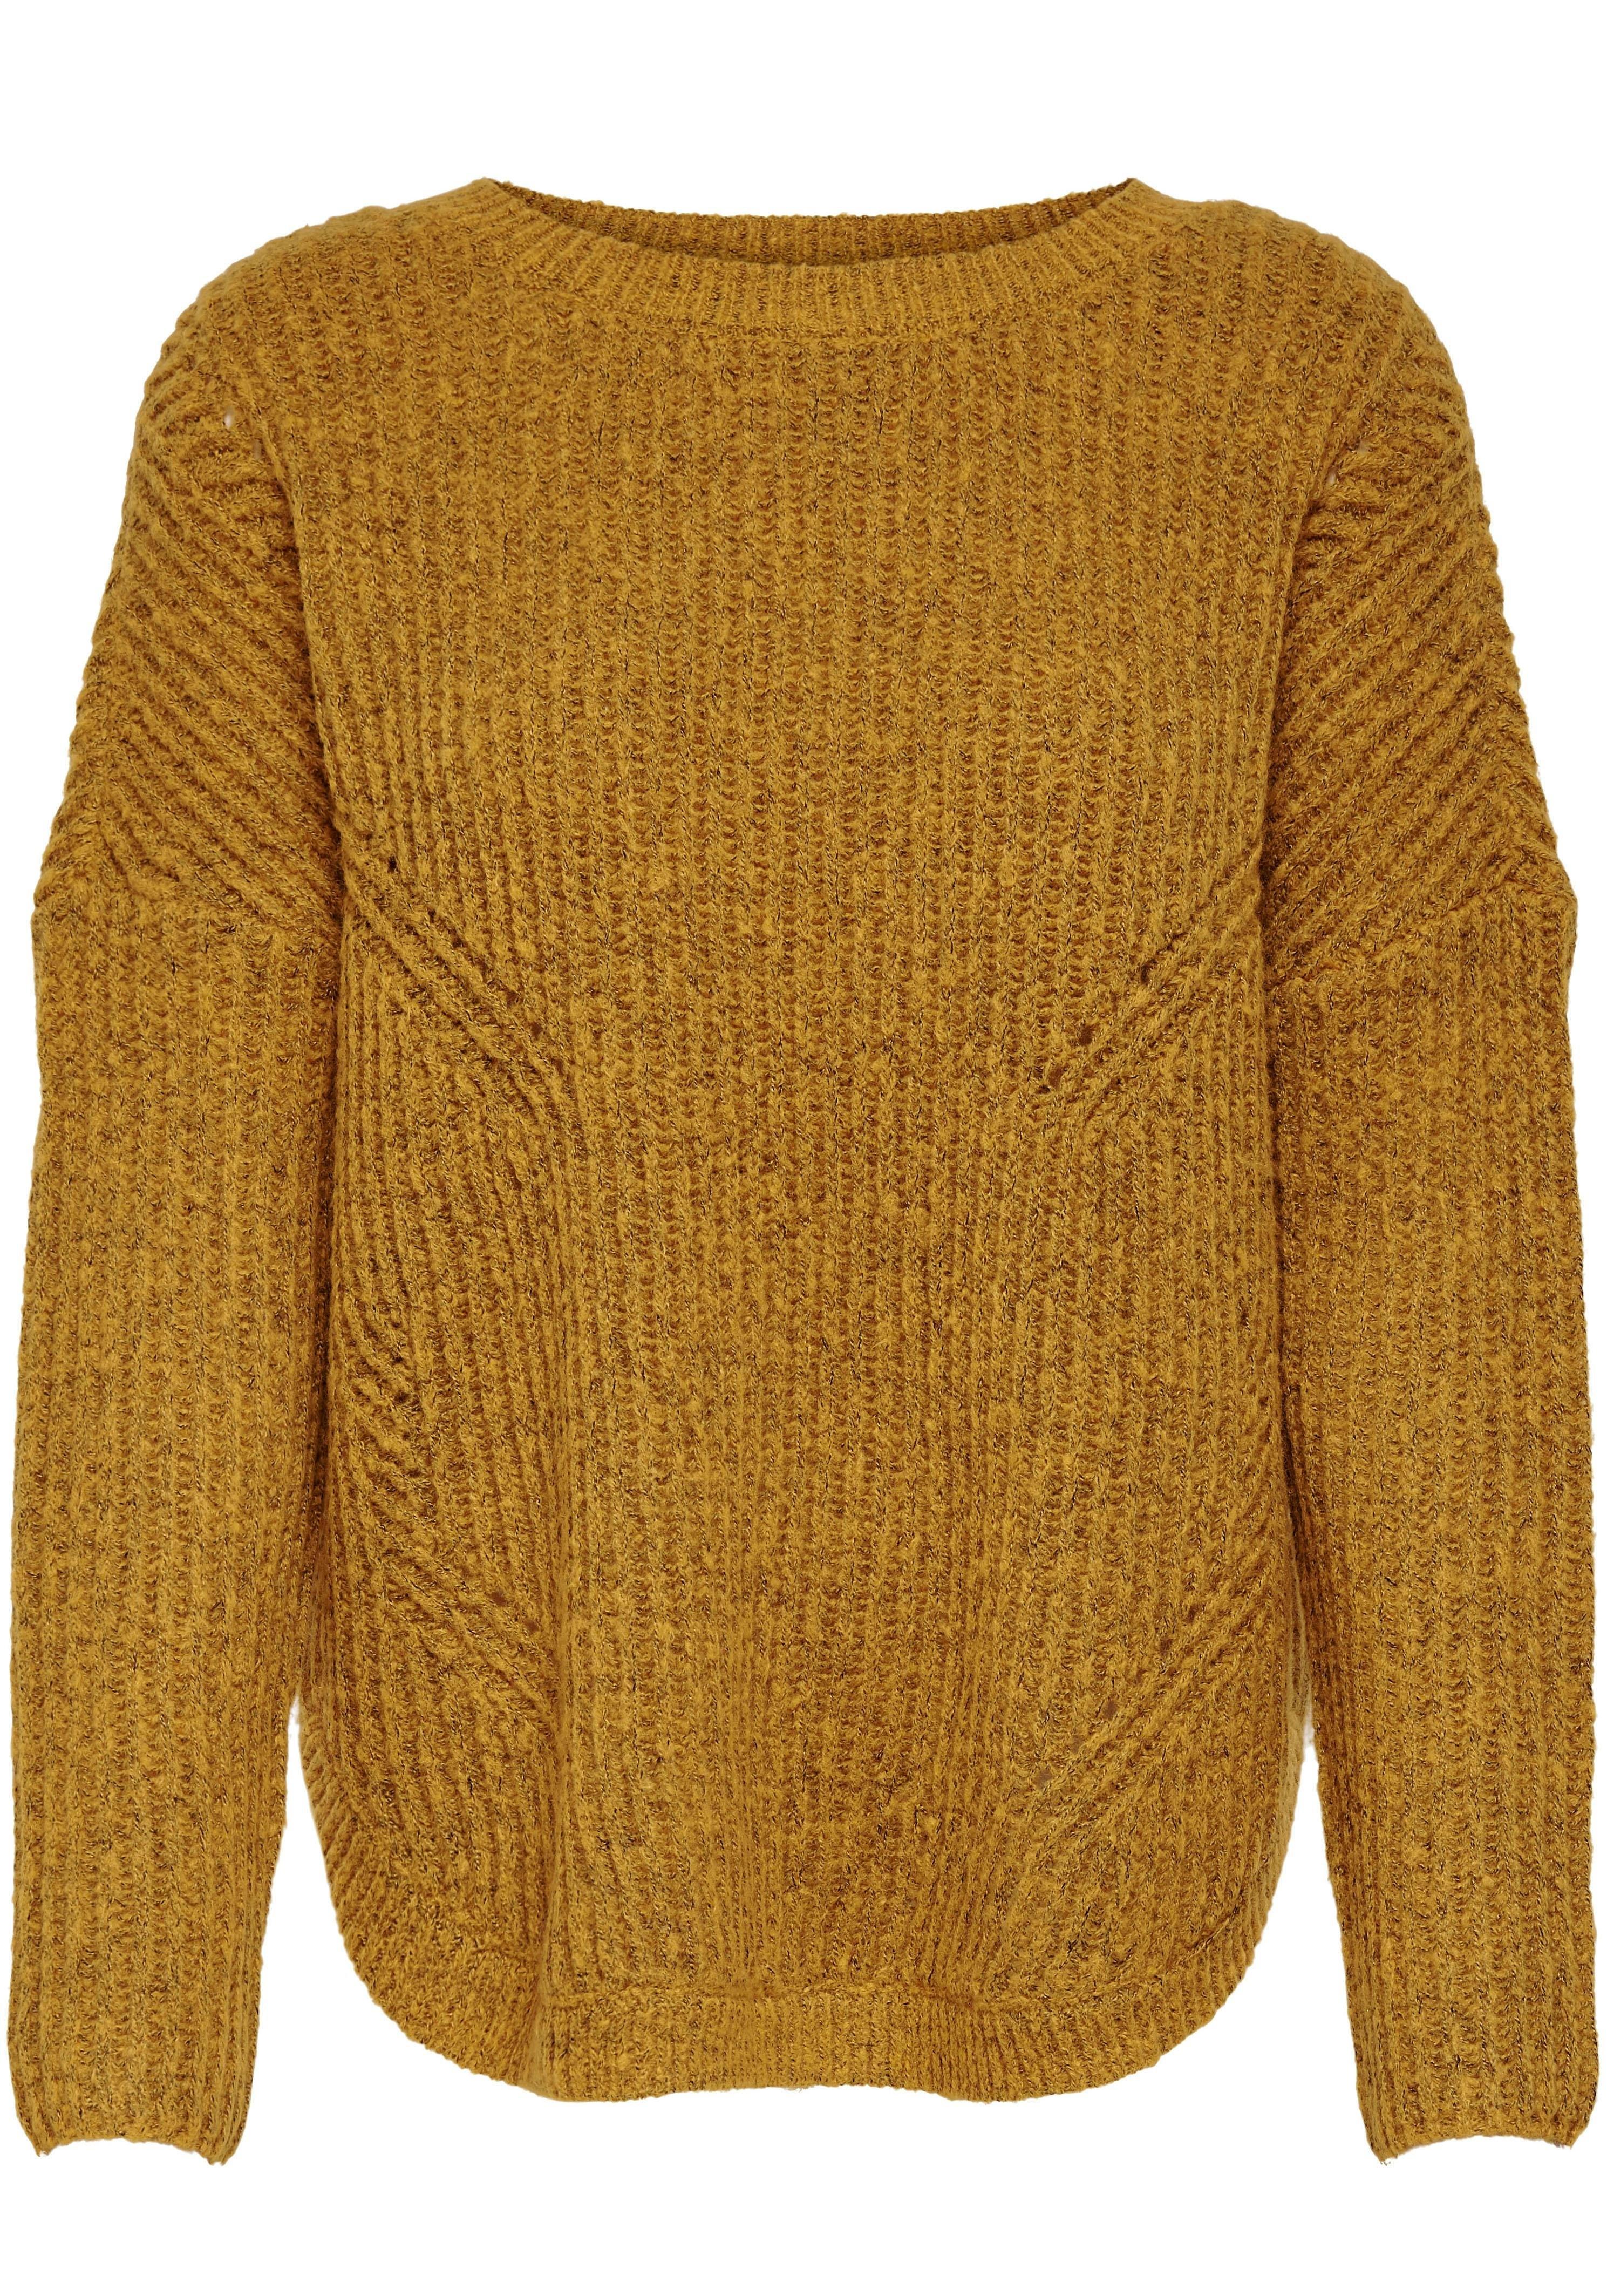 ONLY trui met ronde hals »BERNICE« voordelig en veilig online kopen